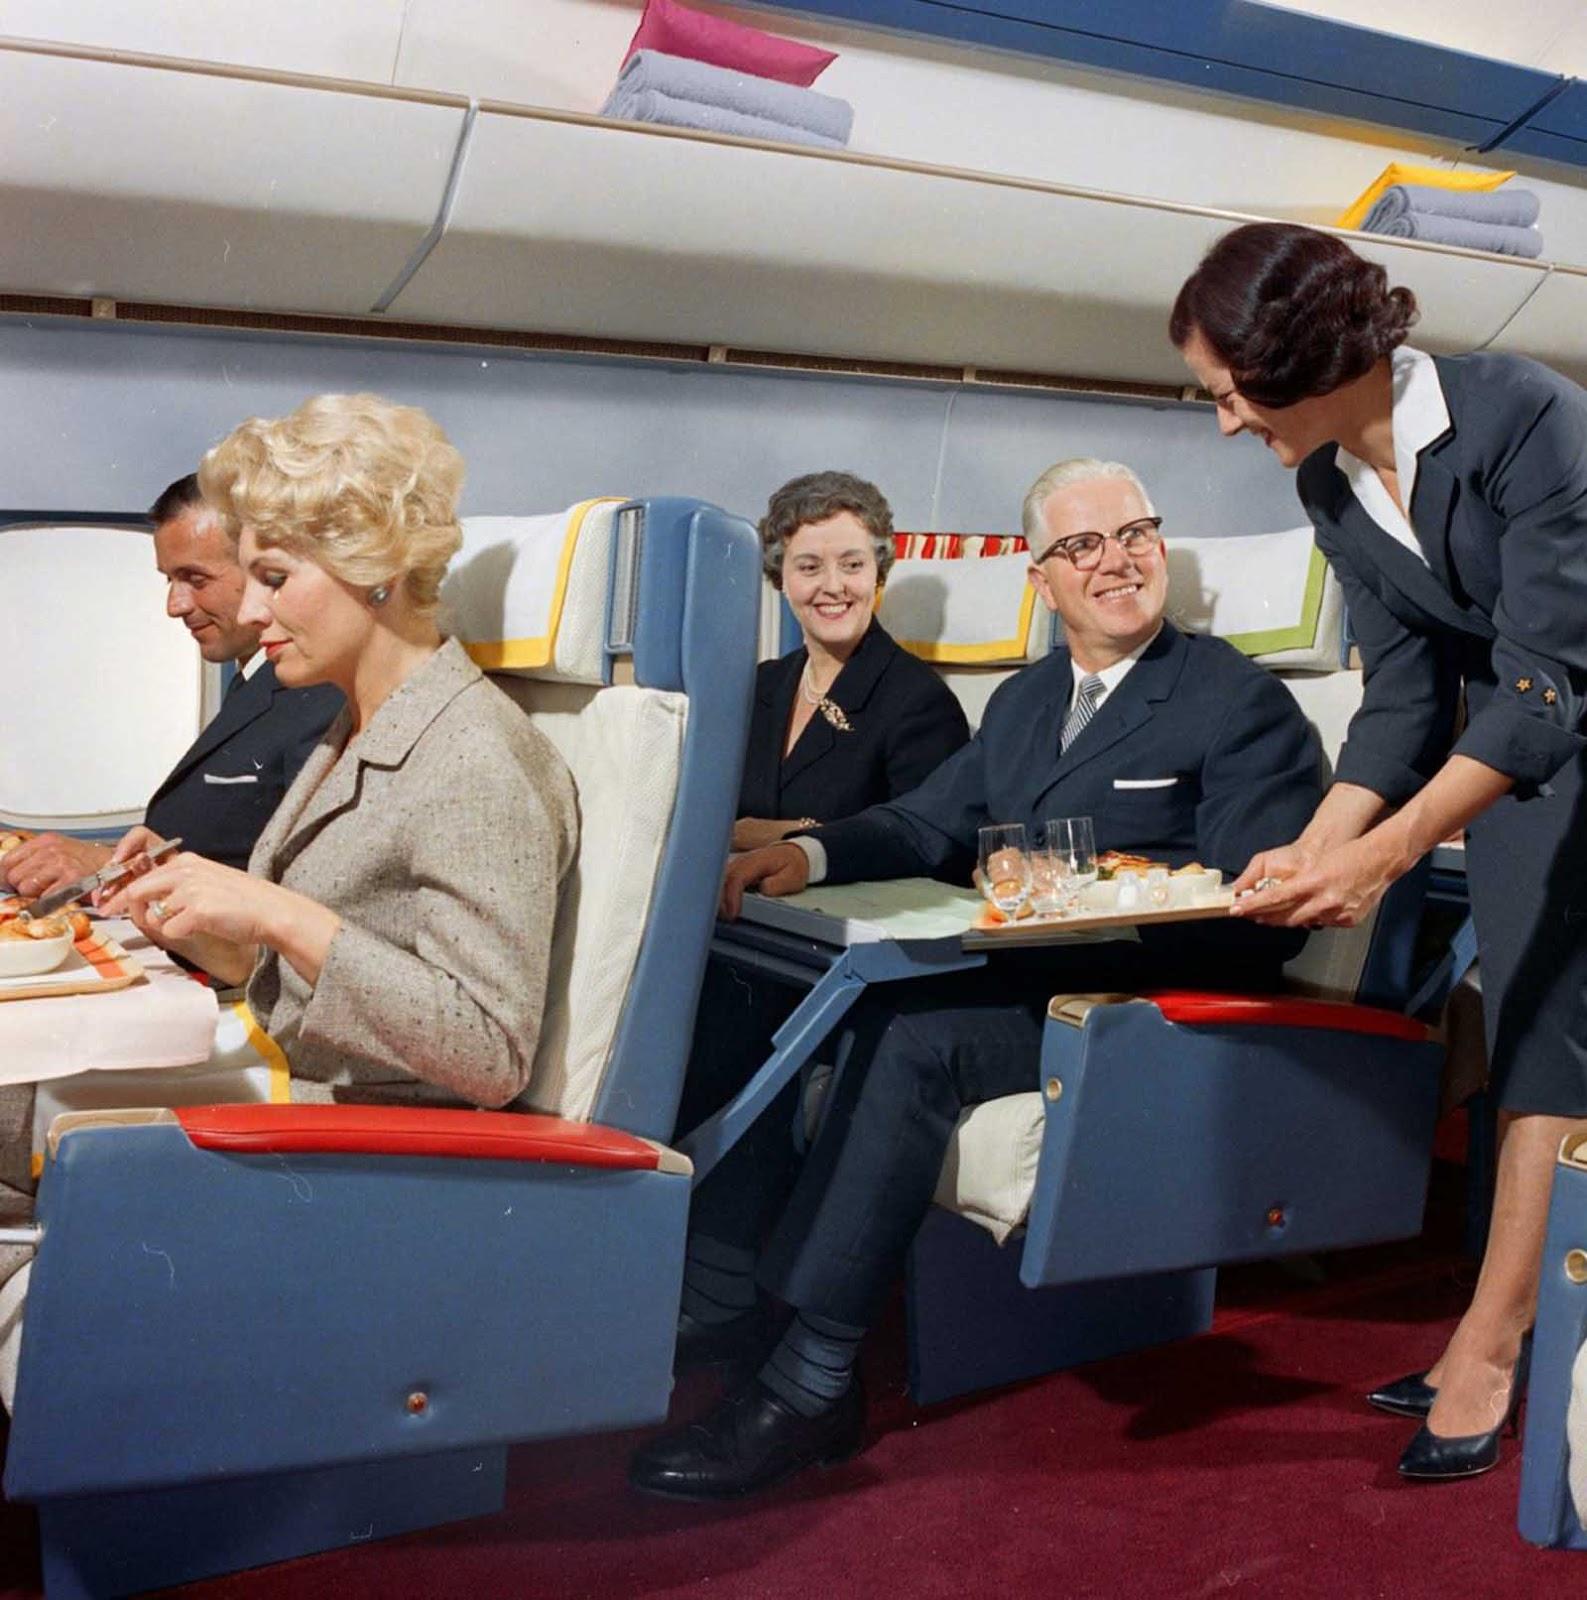 Os comissários de bordo tiveram que mostrar uma combinação de aparência de modelo, socialite de maneiras, empregadas, garçonetes e enfermeiras.